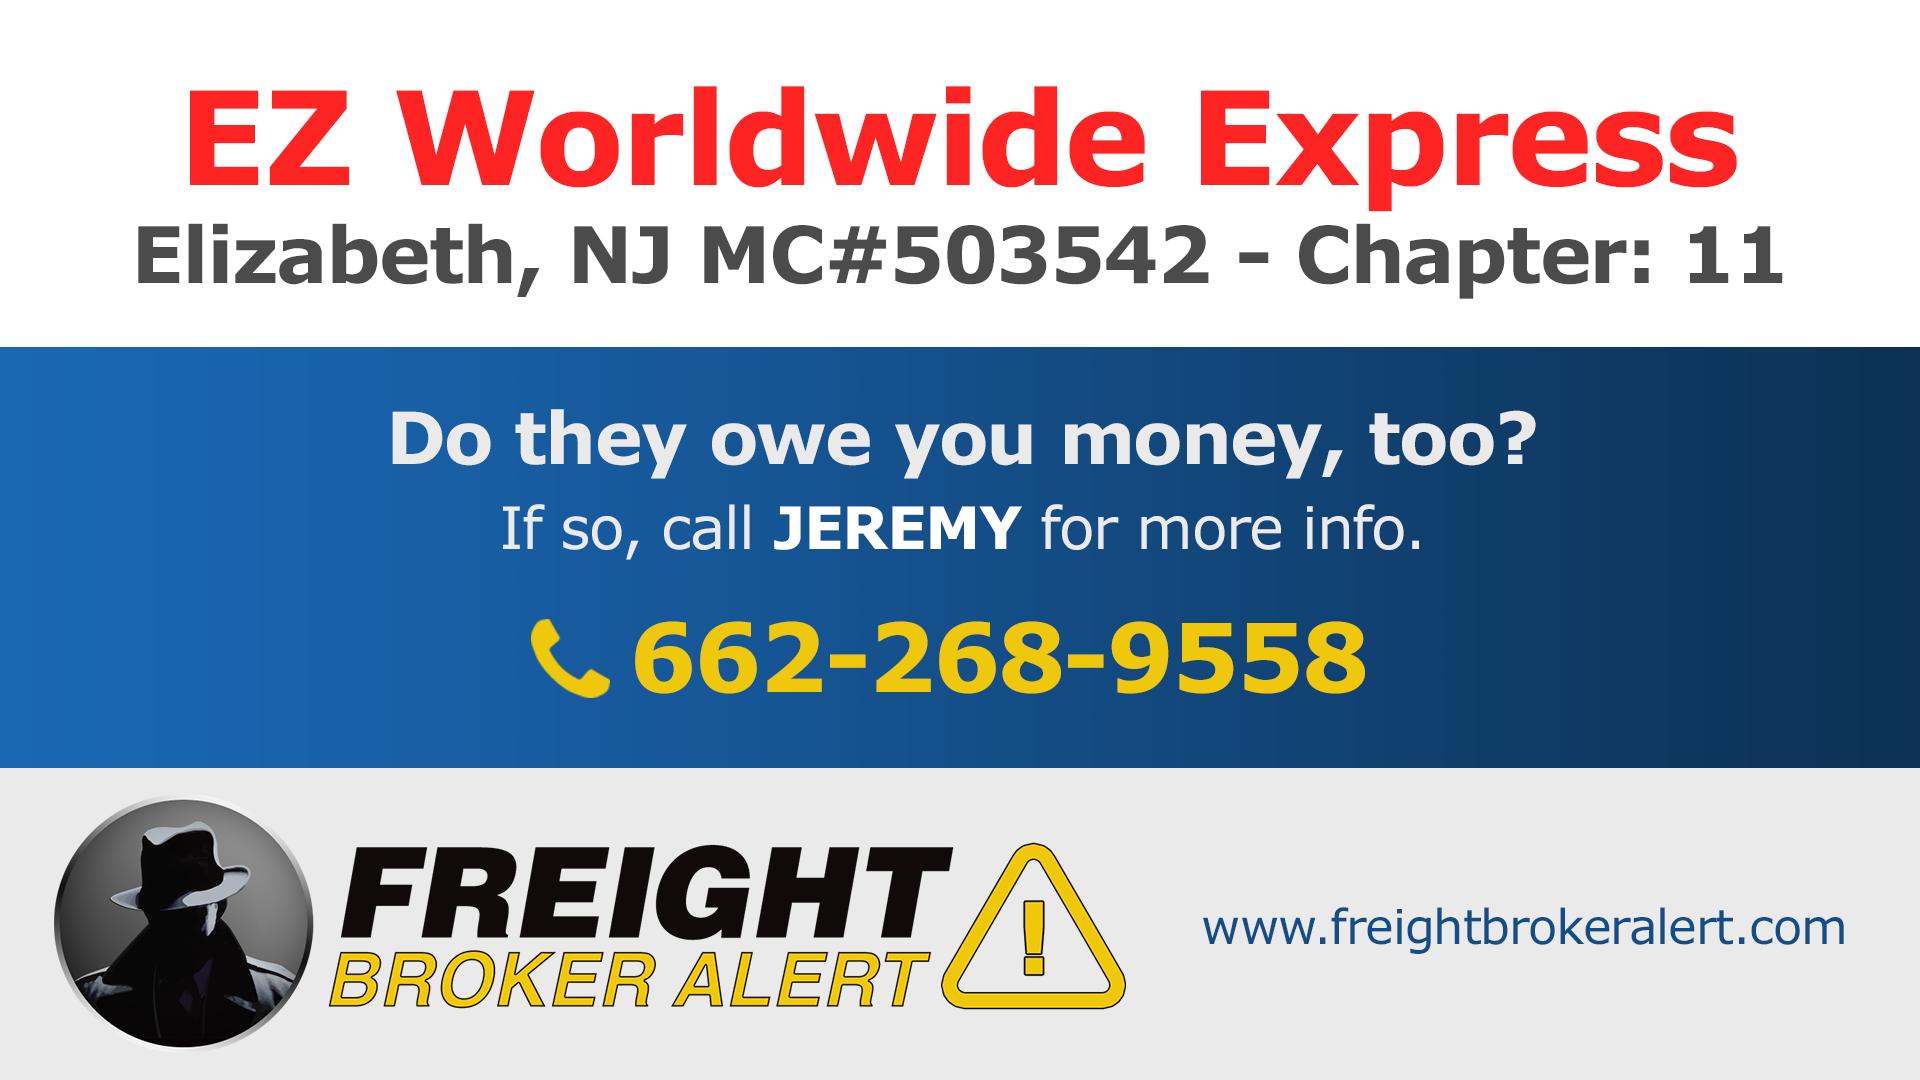 EZ Worldwide Express New Jersey